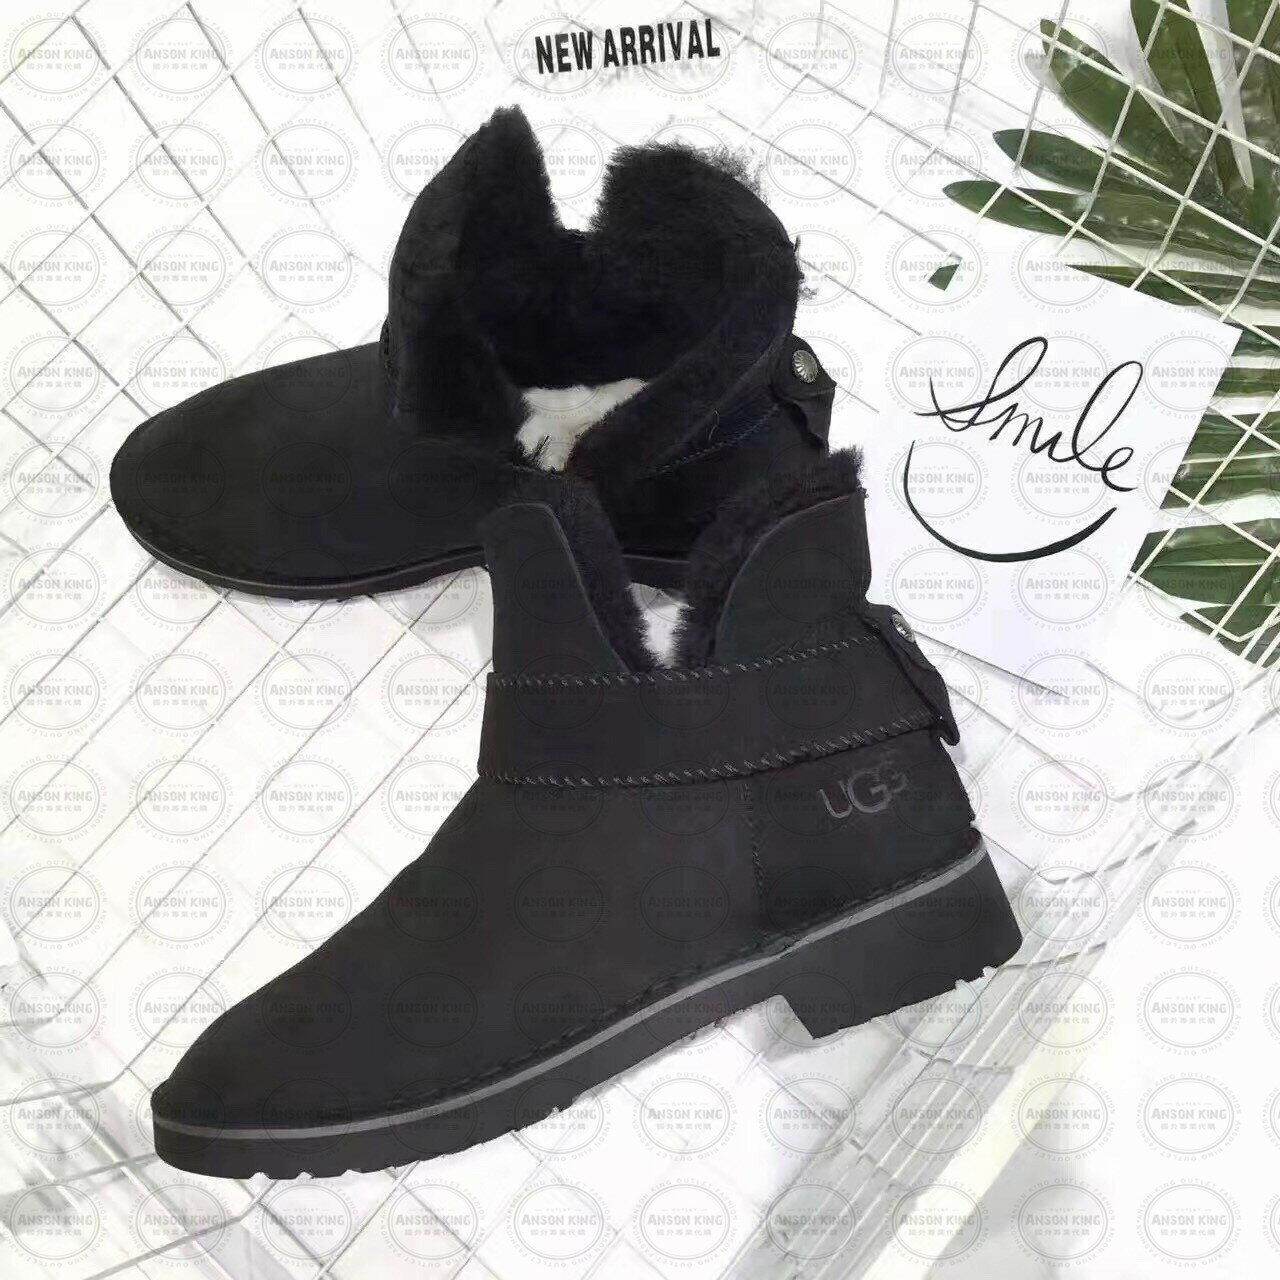 OUTLET正品代購 澳洲 UGG 羊皮毛一體馬汀靴 中長靴 保暖 真皮羊皮毛 雪靴 短靴 黑色 1